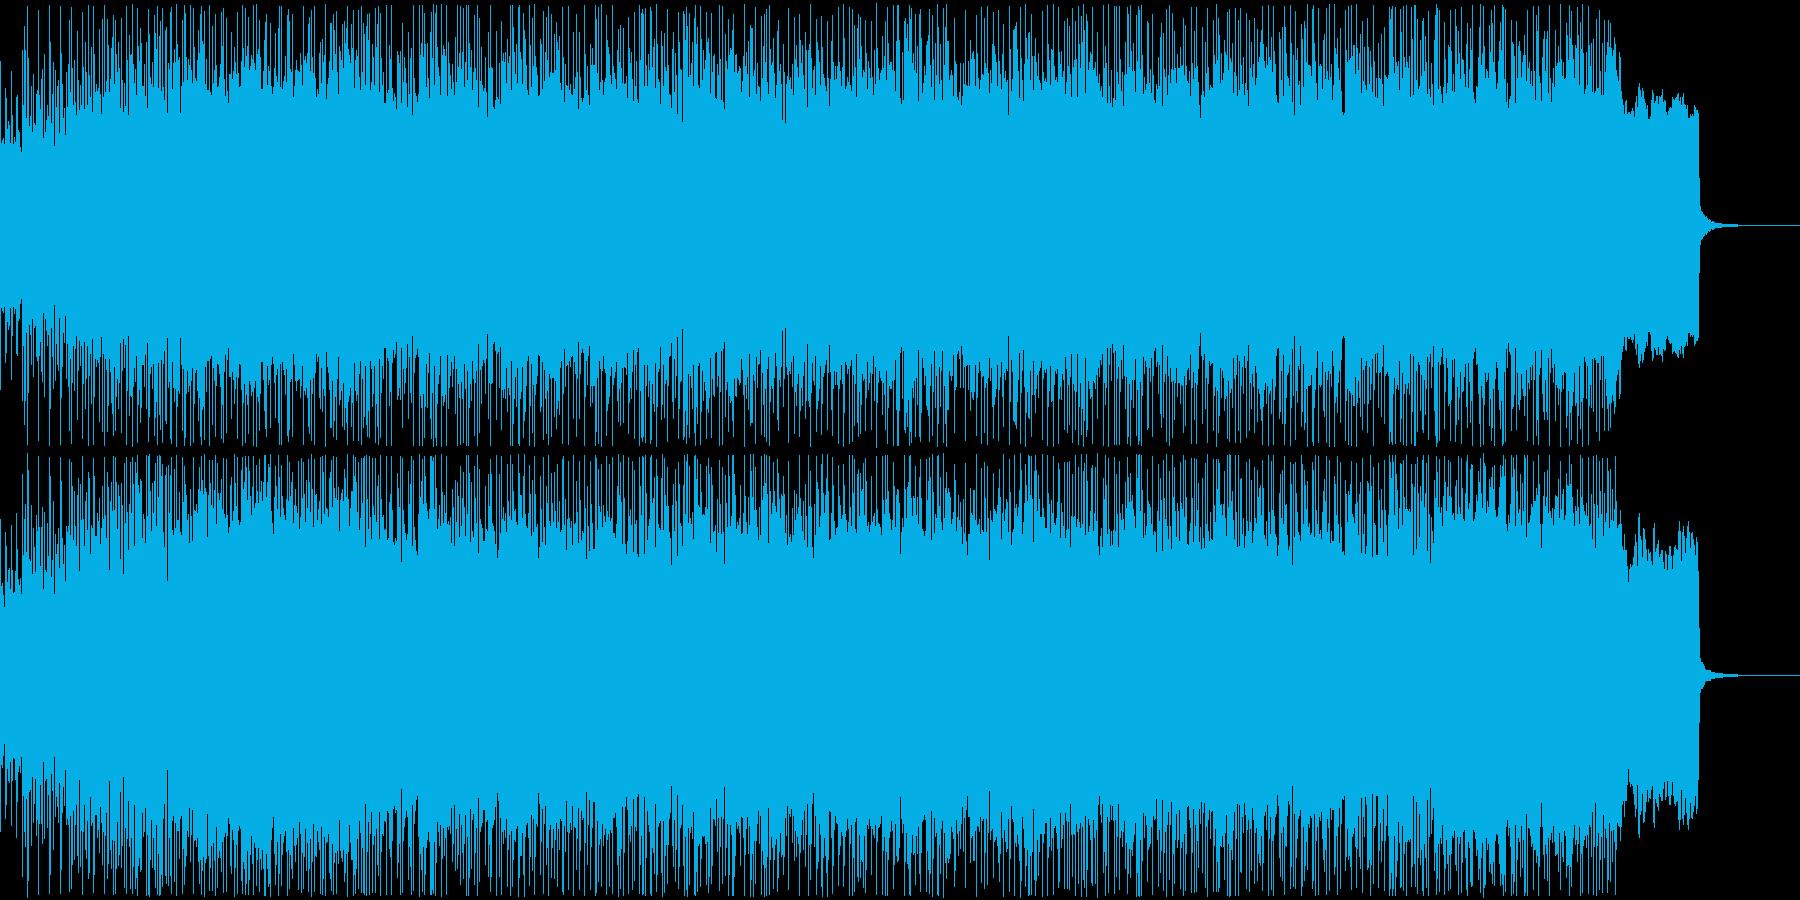 古楽器使用のノリノリパンクロック系BGMの再生済みの波形